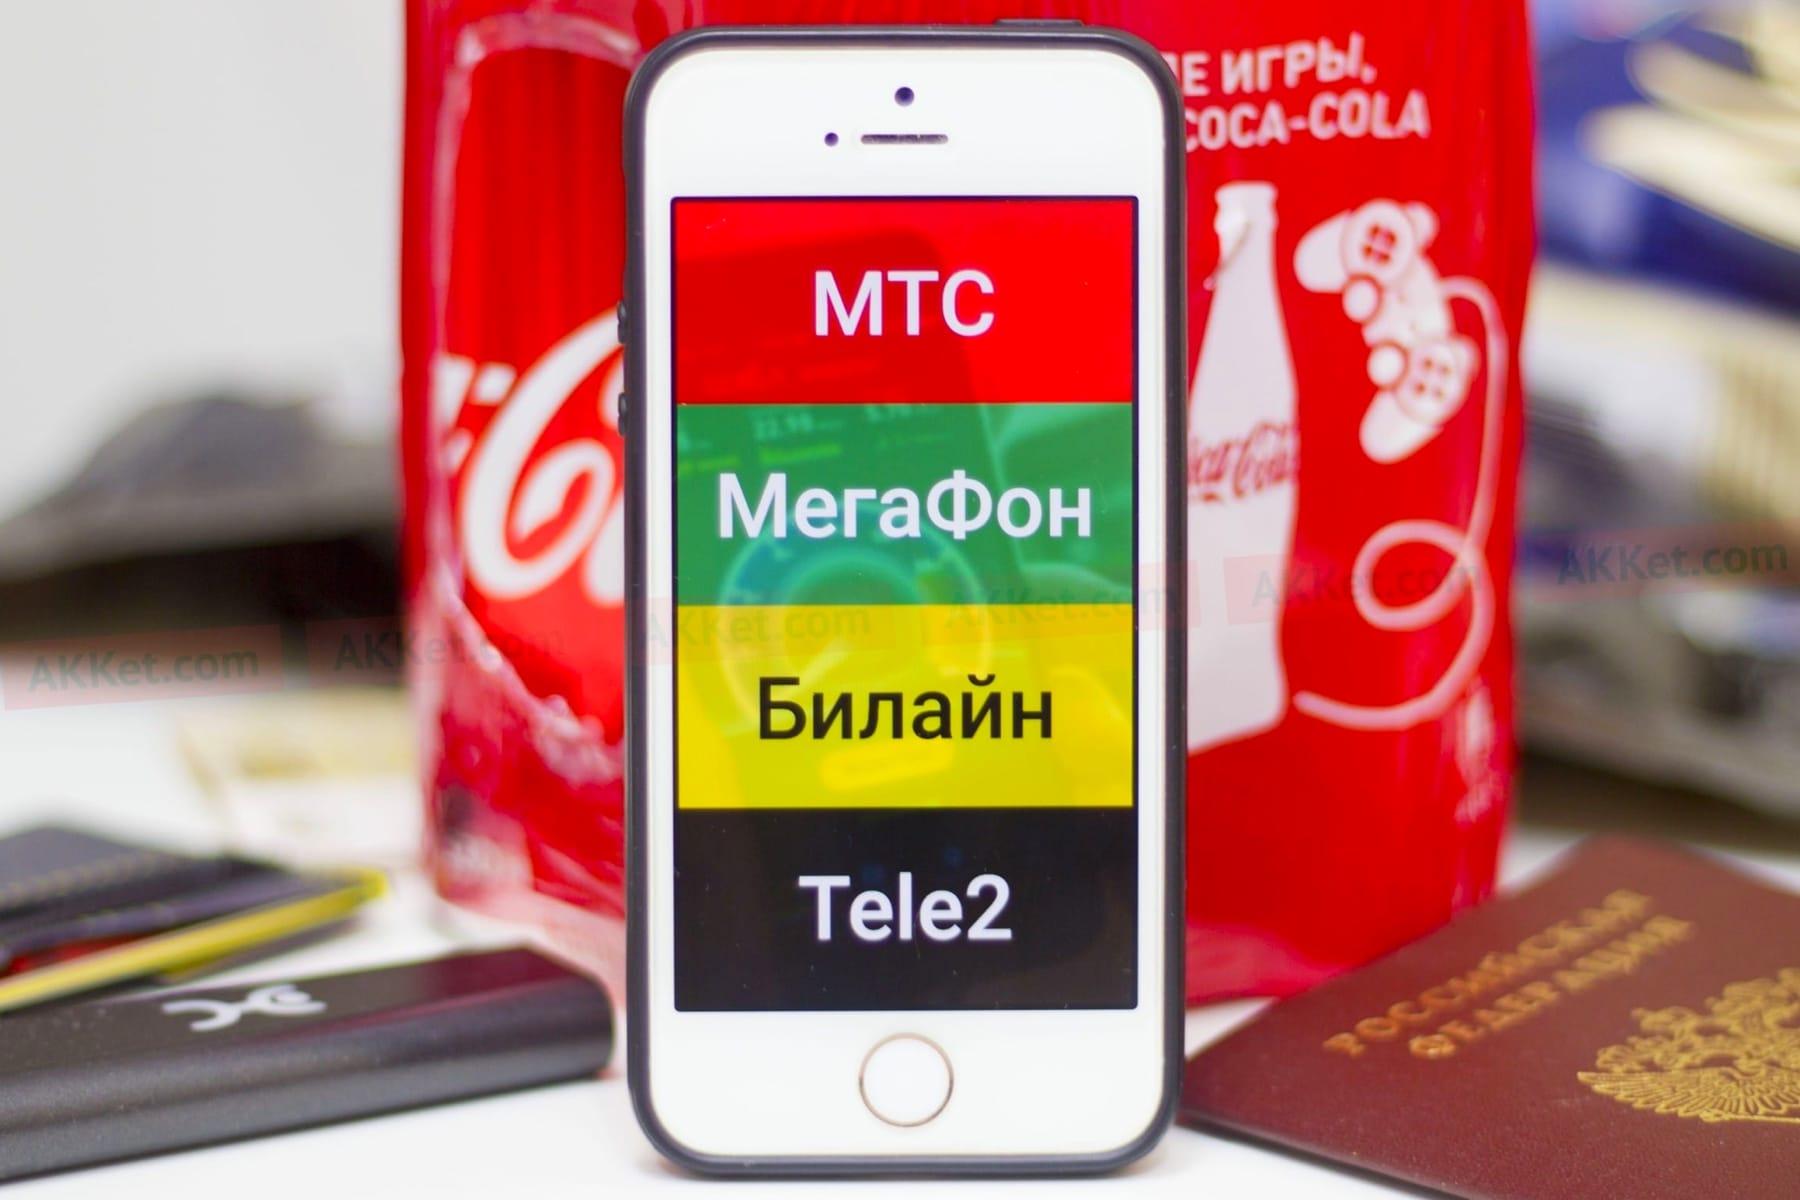 ФАС оштрафовала всех операторов «большой четверки» поделам о государственном роуминге